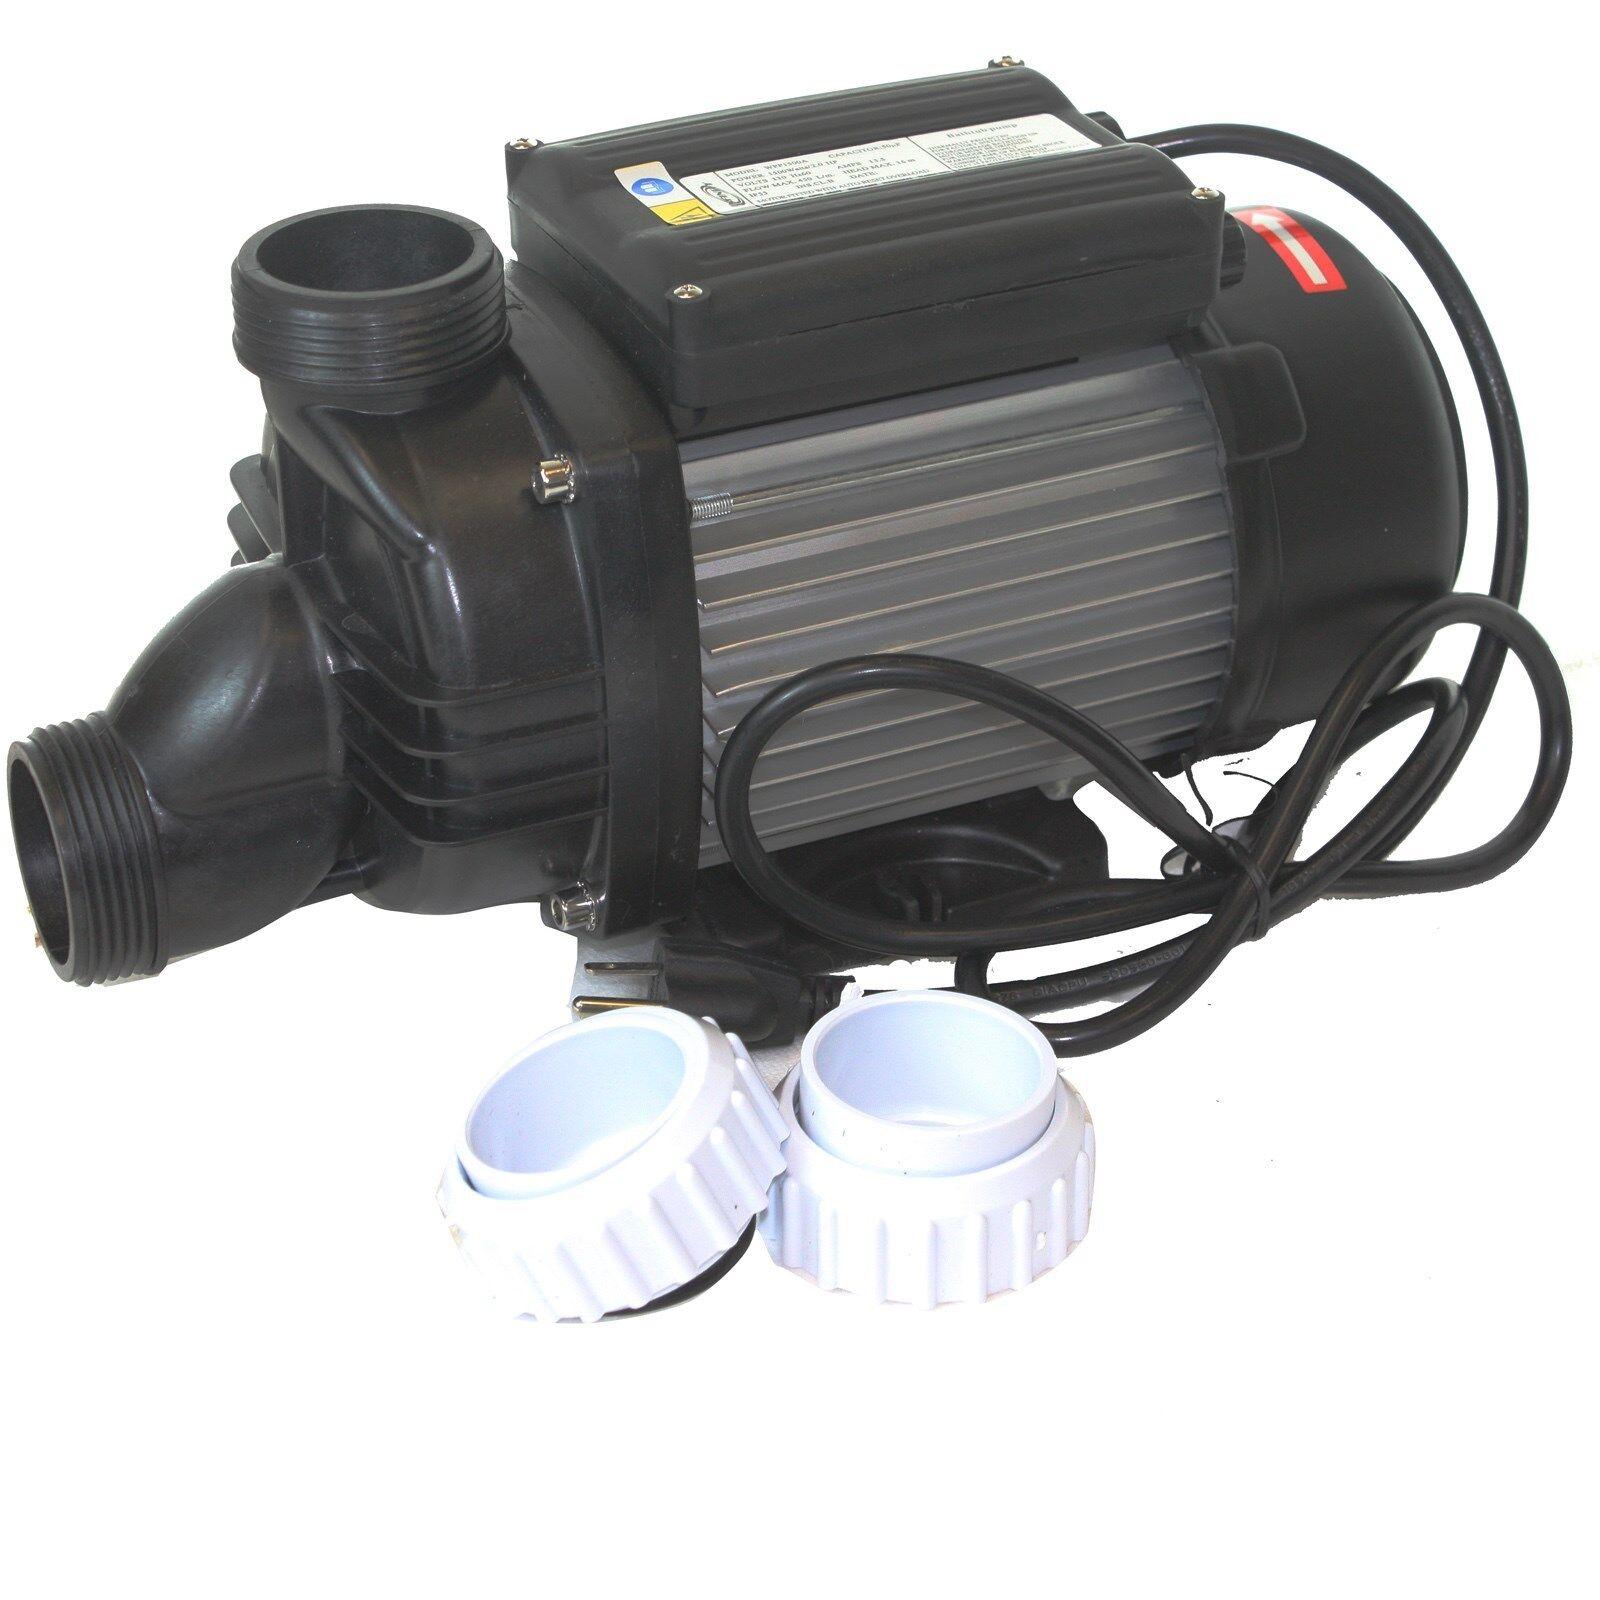 Whirlpool Bath Tub Spa Pump 2hp 1500w 110v Bathtub 7020gph Water Pump Ebay